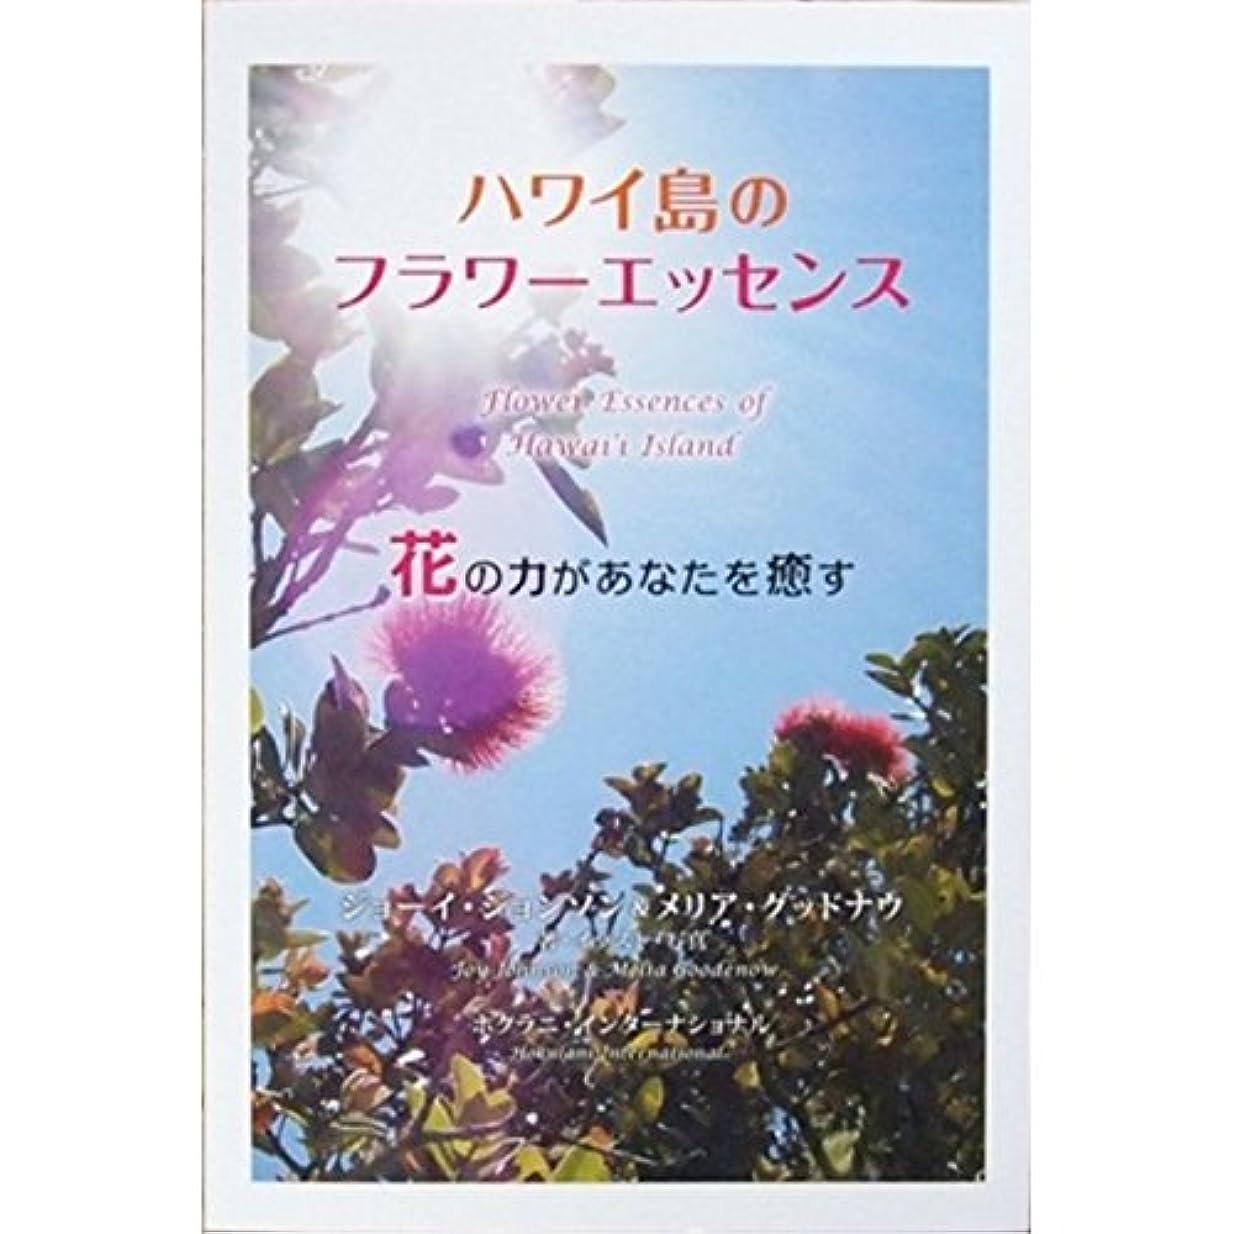 収縮ふつうピカソハワイアン レインフォレスト ナチュラルズ 書籍『ハワイ島のフラワーエッセンス 花の力があなたを癒す』